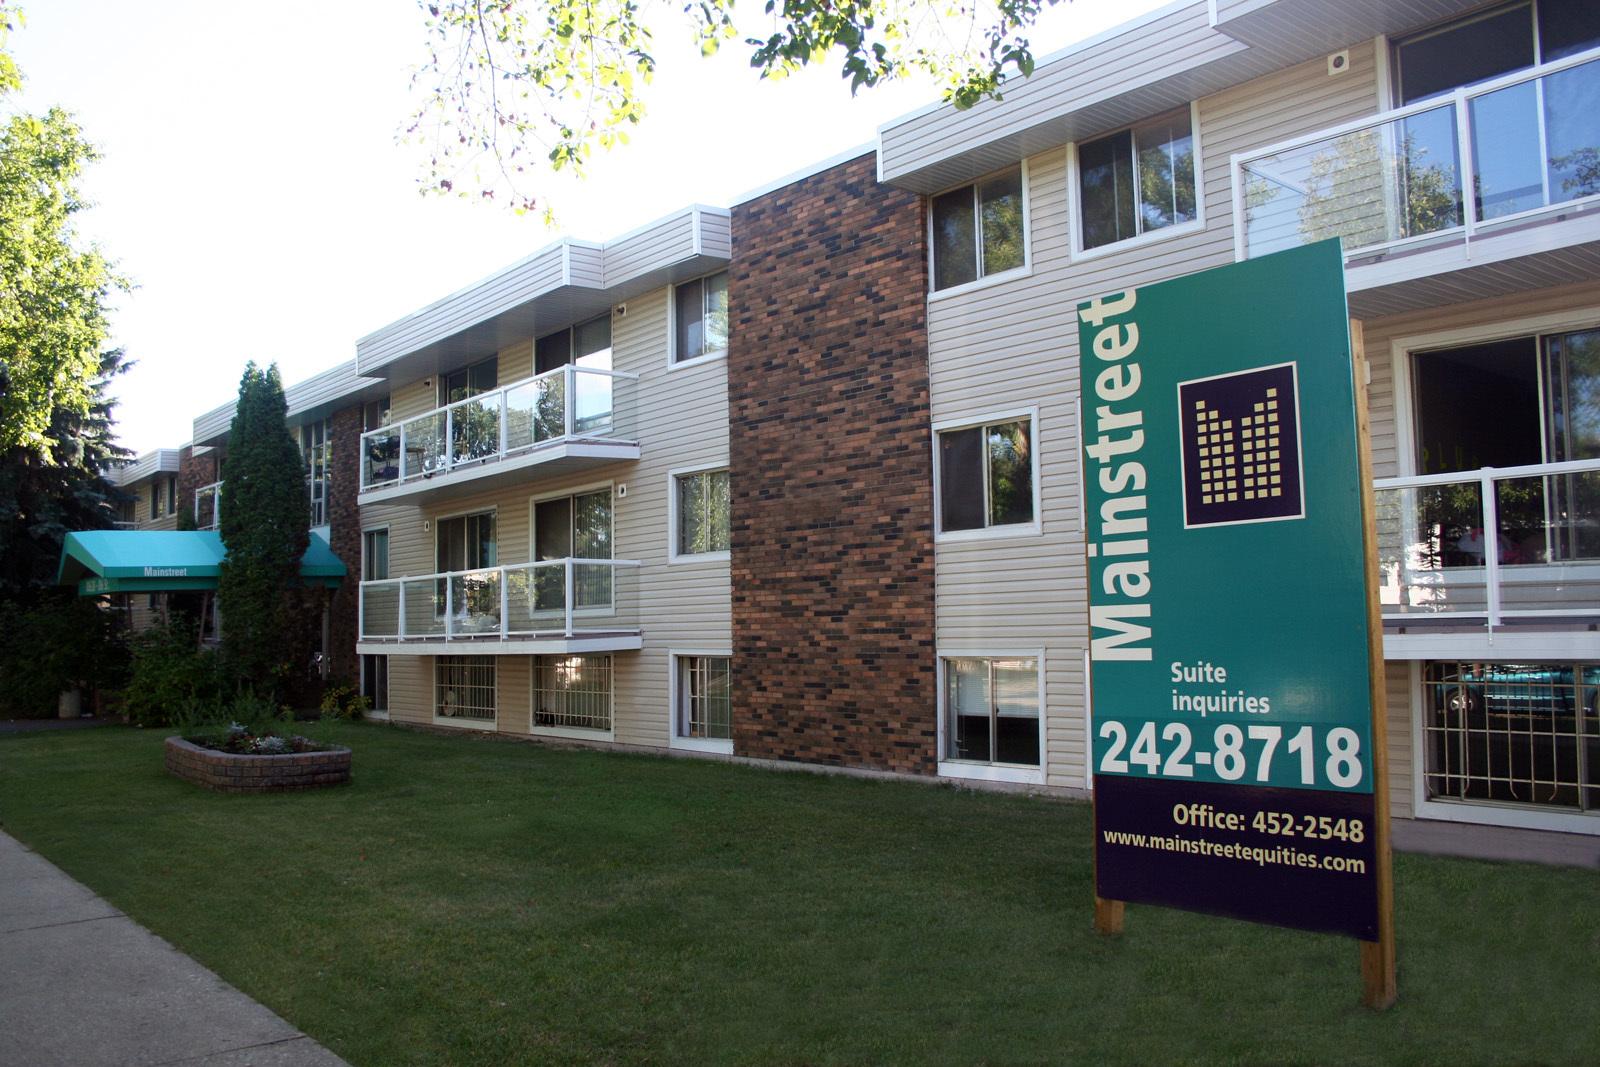 10638 106 Street NW, Edmonton, AB - $799